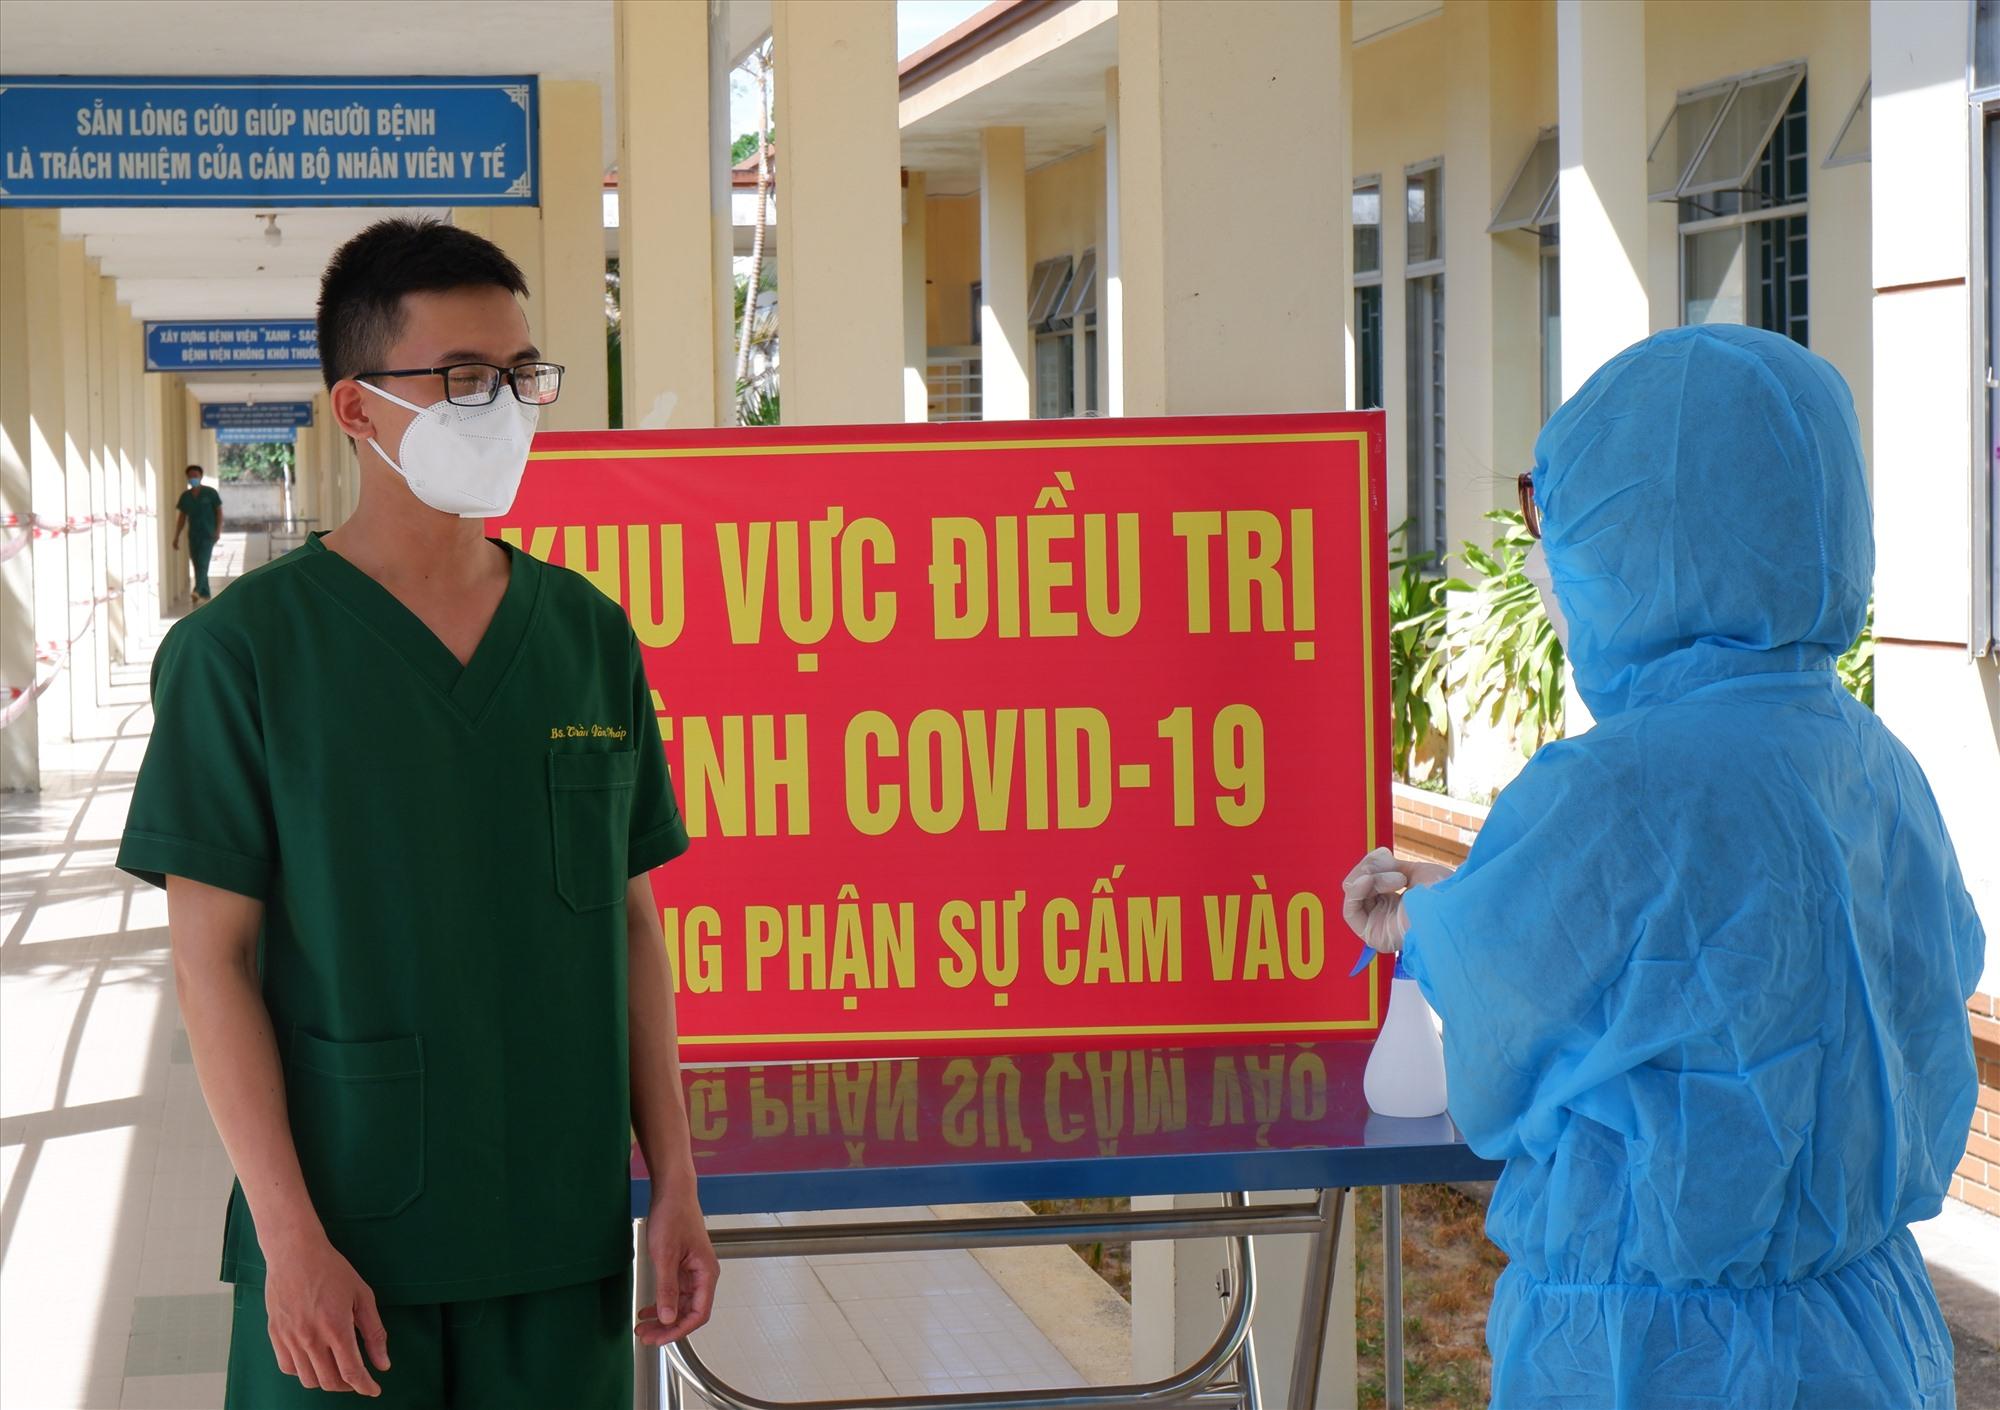 Tiếp tục tăng cường nhân lực điều trị bệnh nhân Covid-19 là điều cần thiết hiện nay. Ảnh: X.H